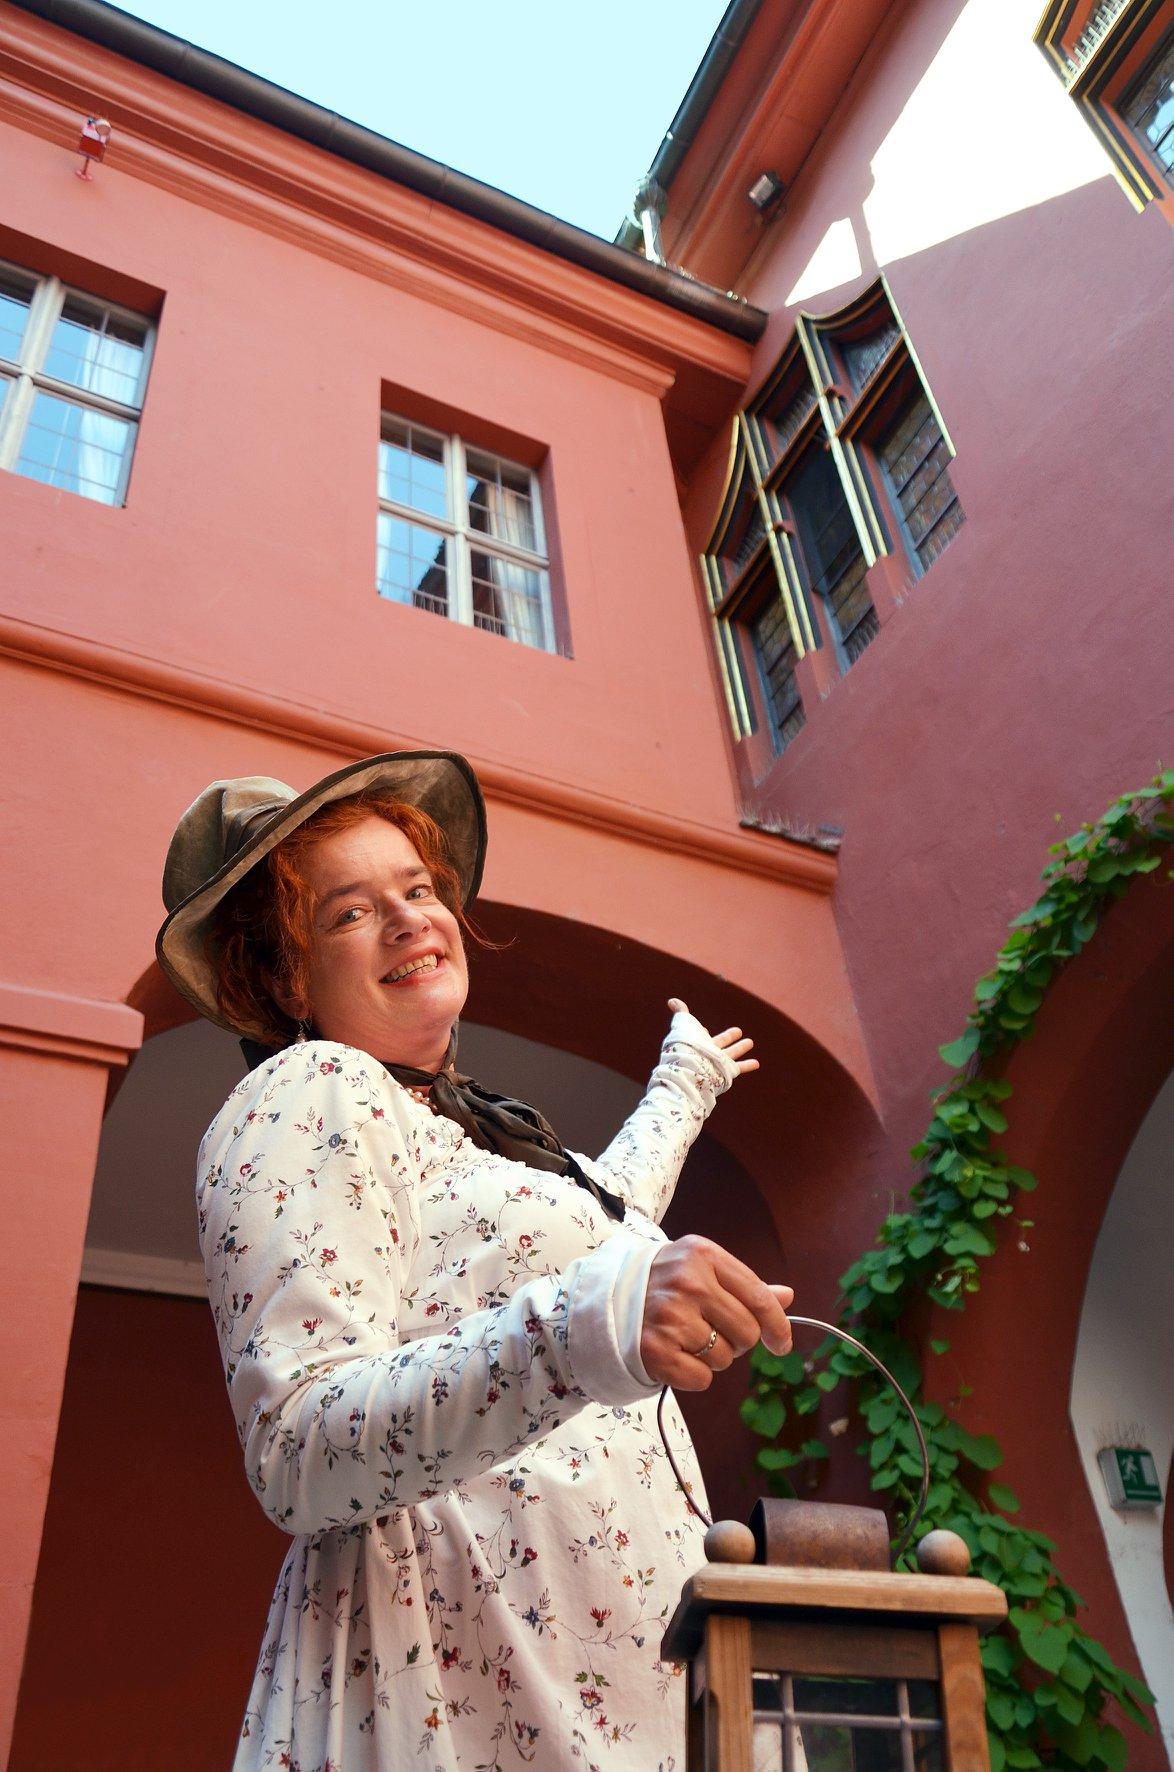 Scherz, Prestige und Puderstaub – Die amüsante Event-Tour aus der Welt des Freiburger Adels